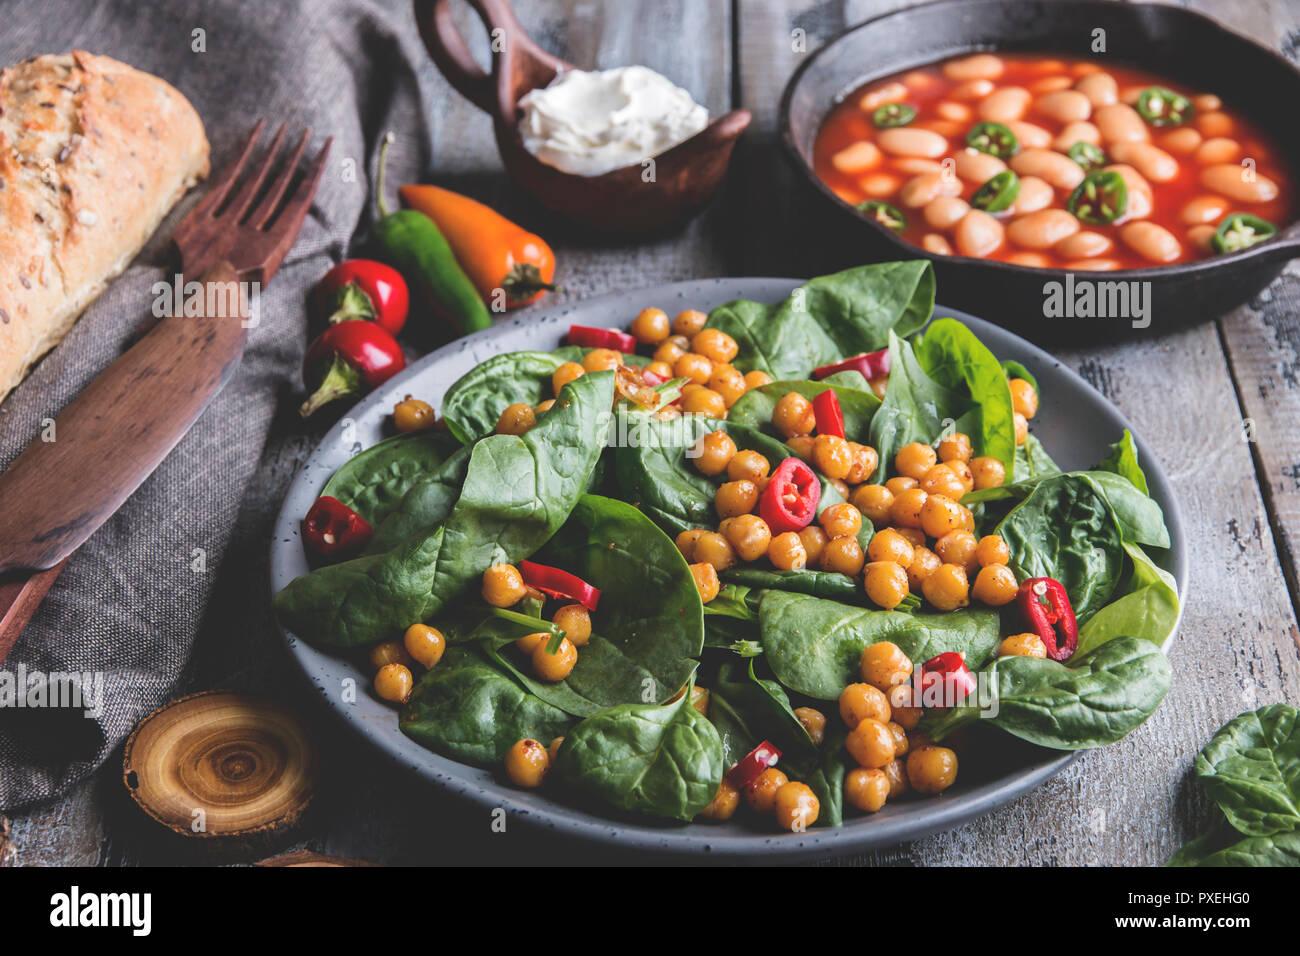 Kichererbsen und Gemüse Salat mit Spinat Blätter, gesund Hausgemachte veganes Essen, Diät. weiße Bohnen in Tomatensoße Stockbild